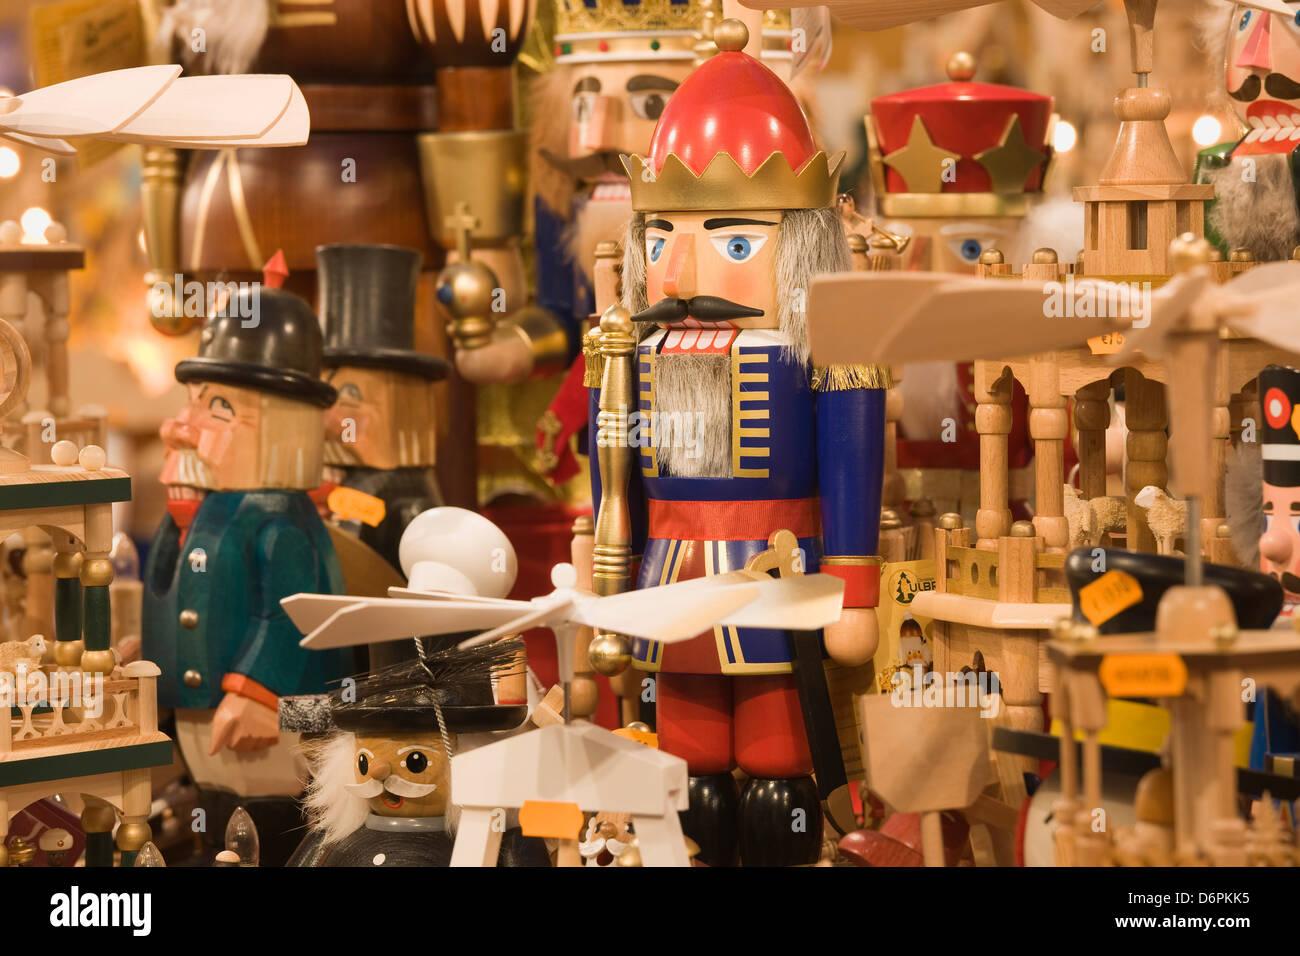 Legno ornamenti natalizi in vendita presso il Dresden Striezelmarkt Mercatino di Natale a Dresda, Sassonia, Germania, Immagini Stock